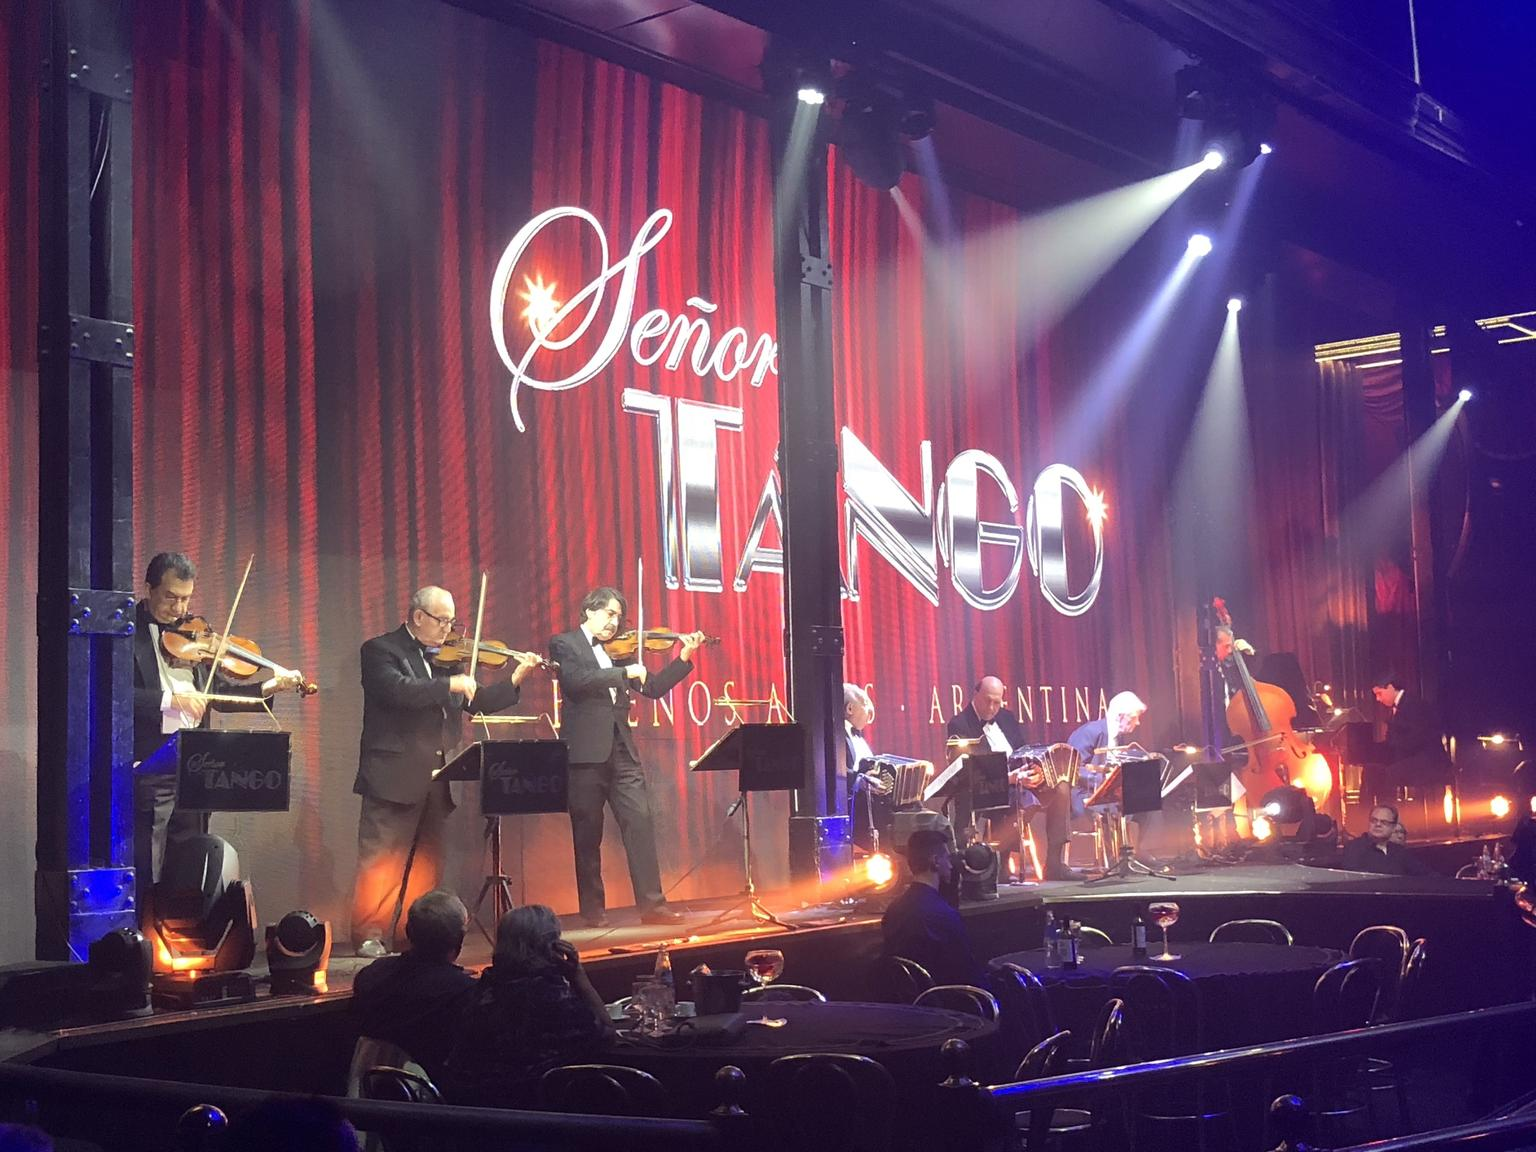 MAIS FOTOS, Buenos Aires: Señor Tango Dinner & Show